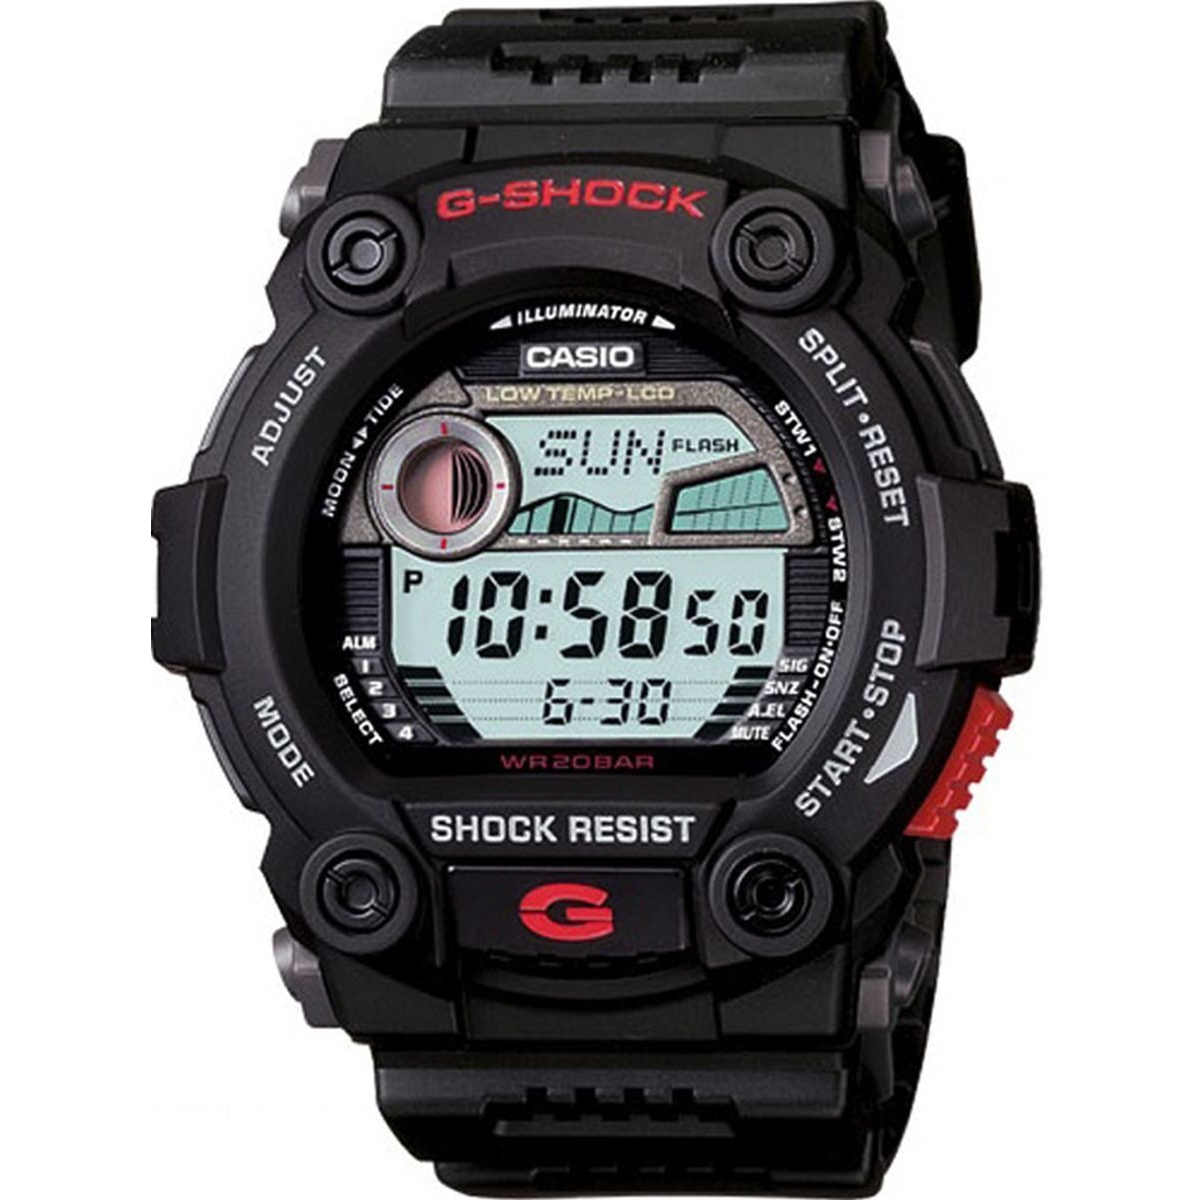 Casio G-SHOCK G-7900-1E / G-7900-1ER - мужские наручные часыCasio<br><br><br>Бренд: Casio<br>Модель: Casio G-7900-1E<br>Артикул: G-7900-1E<br>Вариант артикула: G-7900-1ER<br>Коллекция: G-SHOCK<br>Подколлекция: None<br>Страна: Япония<br>Пол: мужские<br>Тип механизма: кварцевые<br>Механизм: None<br>Количество камней: None<br>Автоподзавод: None<br>Источник энергии: от батарейки<br>Срок службы элемента питания: None<br>Дисплей: цифры<br>Цифры: None<br>Водозащита: WR 200<br>Противоударные: есть<br>Материал корпуса: пластик<br>Материал браслета: пластик<br>Материал безеля: None<br>Стекло: минеральное<br>Антибликовое покрытие: None<br>Цвет корпуса: None<br>Цвет браслета: None<br>Цвет циферблата: None<br>Цвет безеля: None<br>Размеры: 45.4x46.2x13.6 мм<br>Диаметр: None<br>Диаметр корпуса: None<br>Толщина: None<br>Ширина ремешка: None<br>Вес: 54.9 г<br>Спорт-функции: секундомер, таймер обратного отсчета<br>Подсветка: None<br>Вставка: None<br>Отображение даты: вечный календарь, число, месяц, год, день недели<br>Хронограф: None<br>Таймер: None<br>Термометр: None<br>Хронометр: None<br>GPS: None<br>Радиосинхронизация: None<br>Барометр: None<br>Скелетон: None<br>Дополнительная информация: срок службы батареи 2 года, элемент питания N CR2025, график приливов и отливов, устойчивость к низким температурам (-20 °C), повтор сигнала будильника<br>Дополнительные функции: индикатор запаса хода, второй часовой пояс, указатель фаз луны, будильник (количество установок: 5)